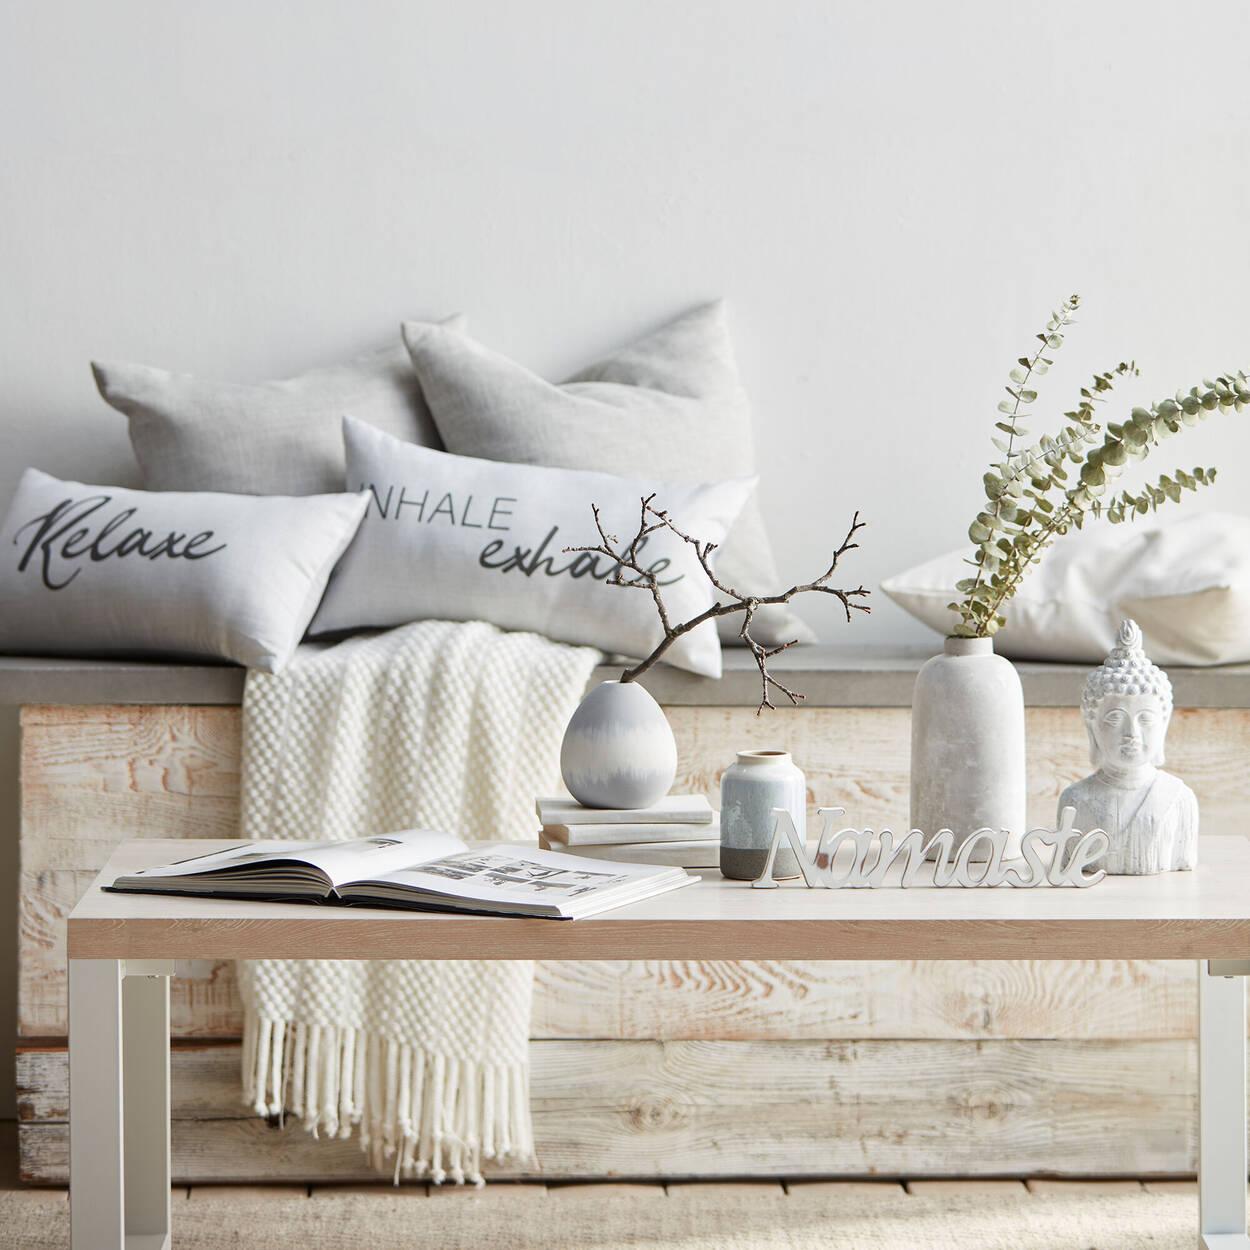 mot d coratif namaste. Black Bedroom Furniture Sets. Home Design Ideas